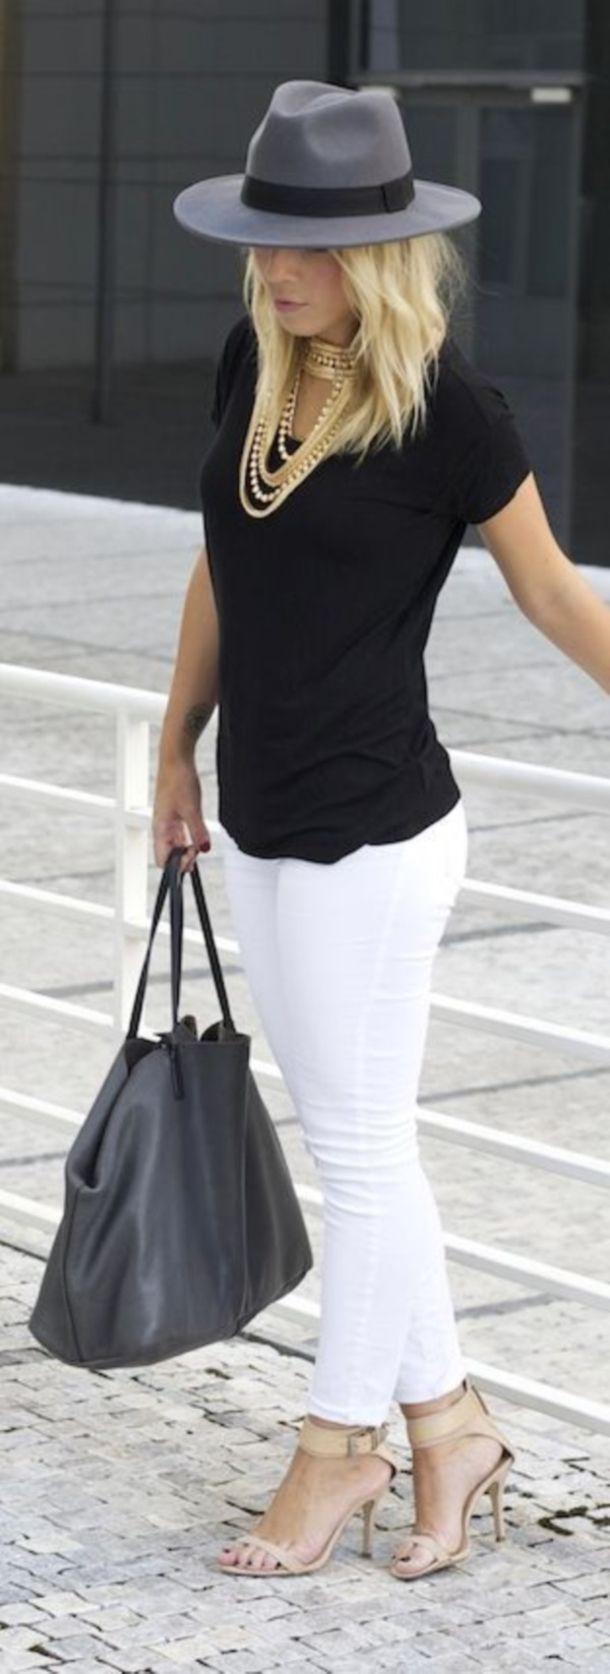 Jeans blancos, bolso negro tacones nude, collares qe hacen juego con tacones en tonos dorados blusa básica negra y sombrero gris